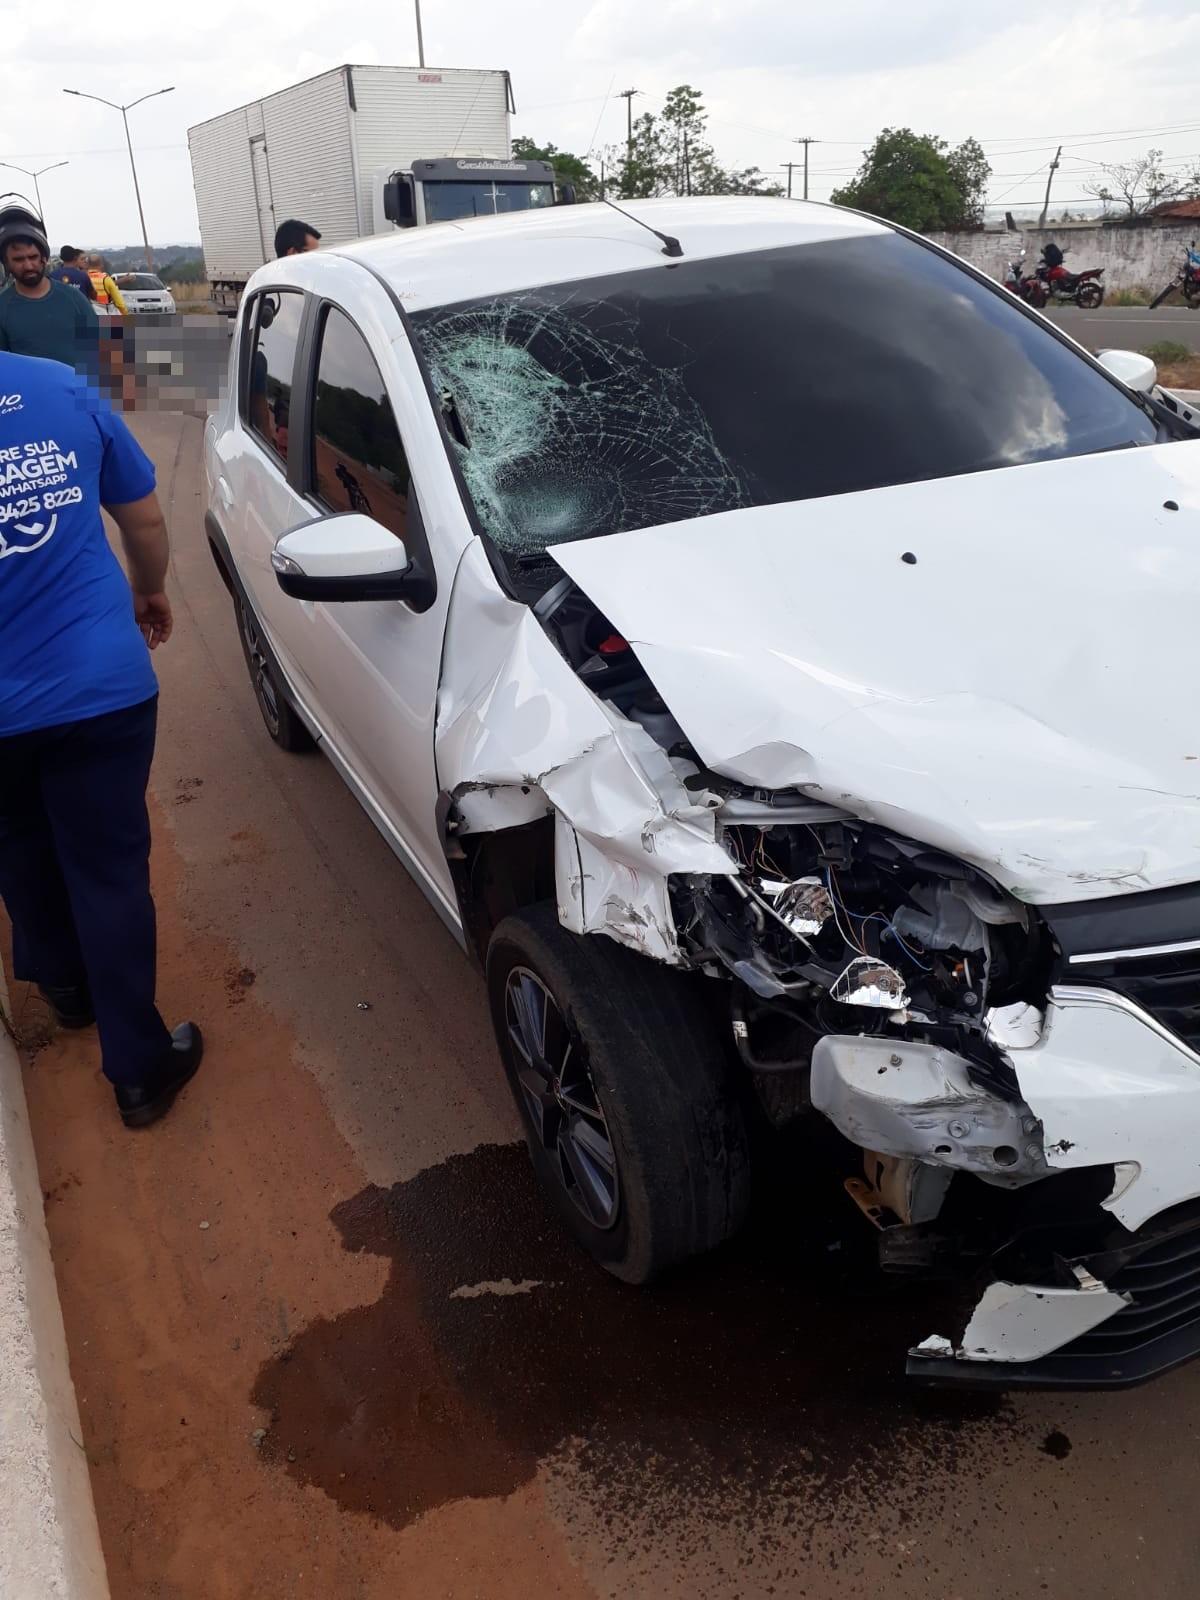 Carro dirigido por adolescente atinge moto na BR-153 e mata motociclista